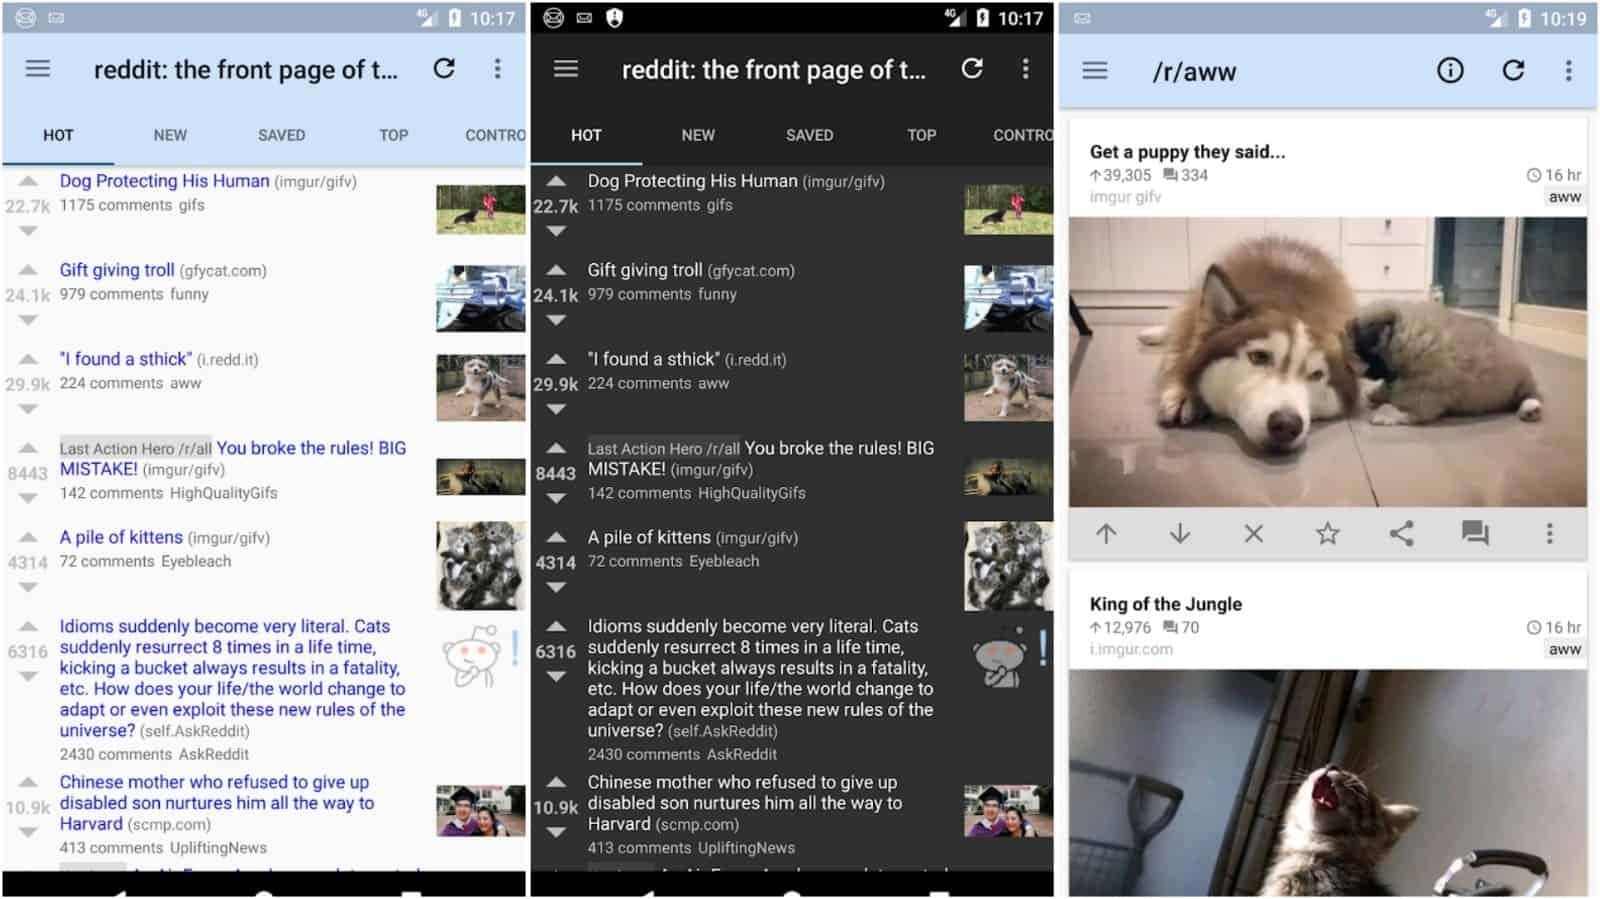 rif é imagem de grade de aplicativo divertido